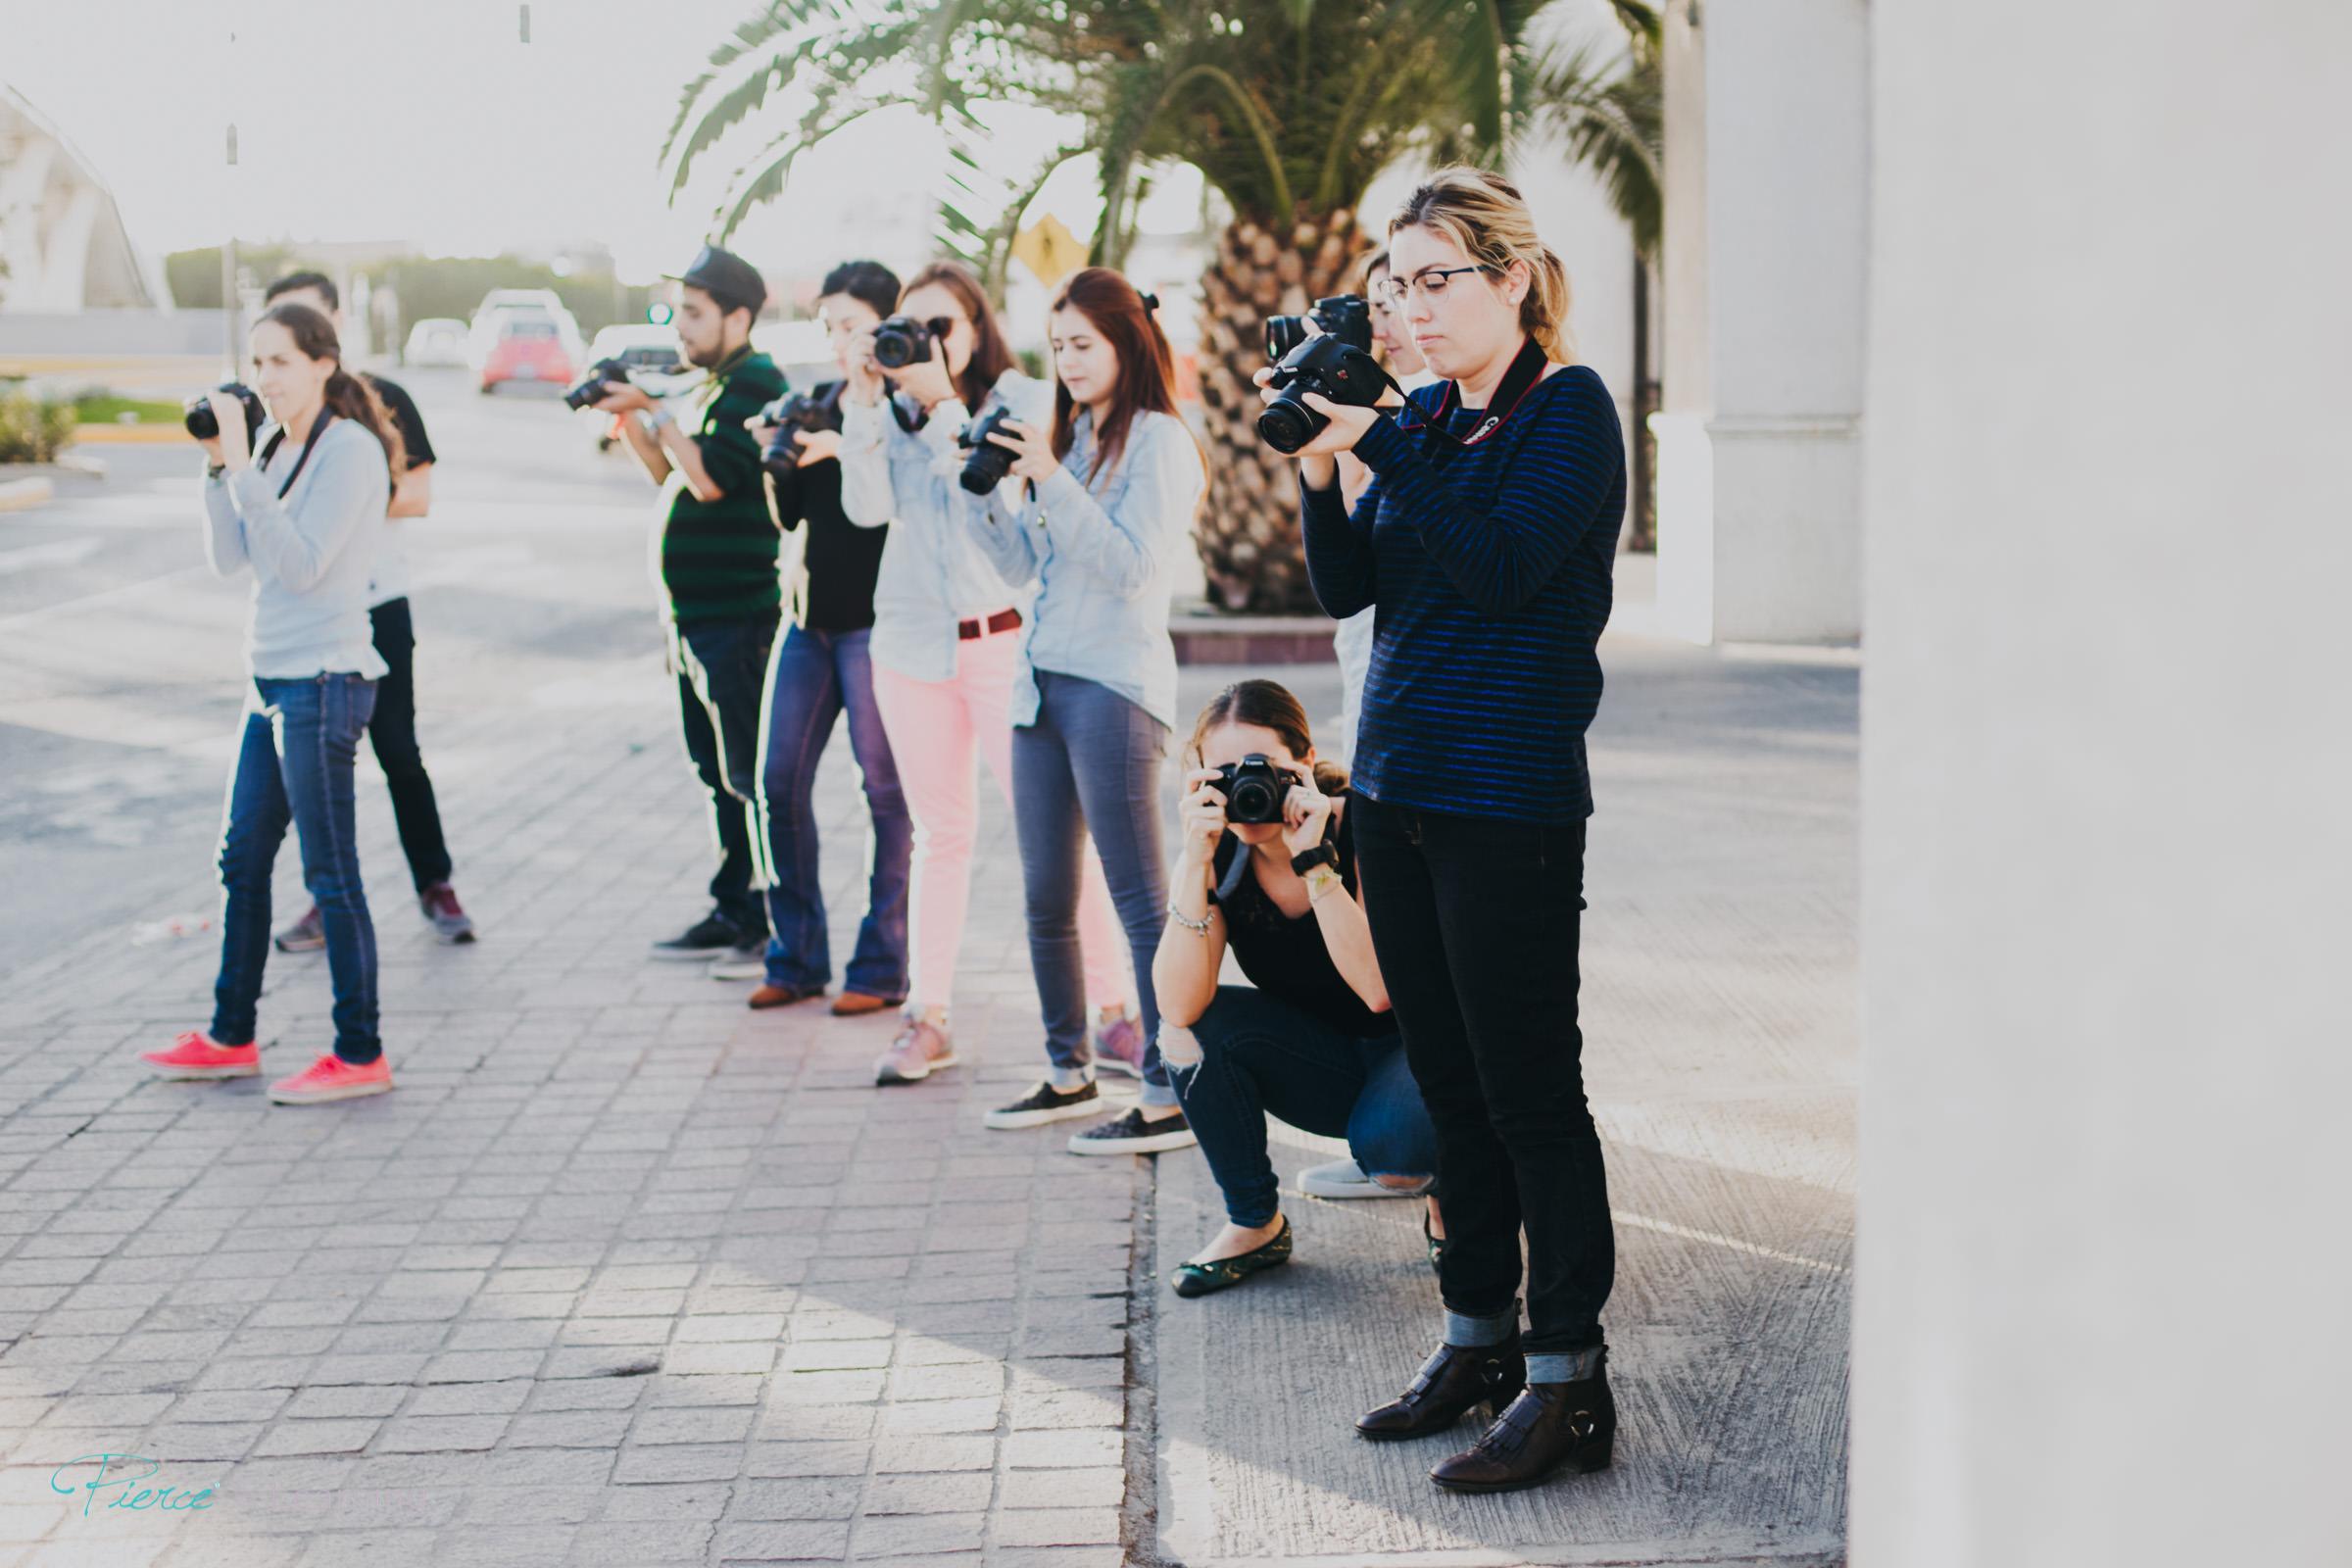 Workshop-Curso-Fotografia-Leon-Guanajuato-Mexico-Pierce-85.jpg